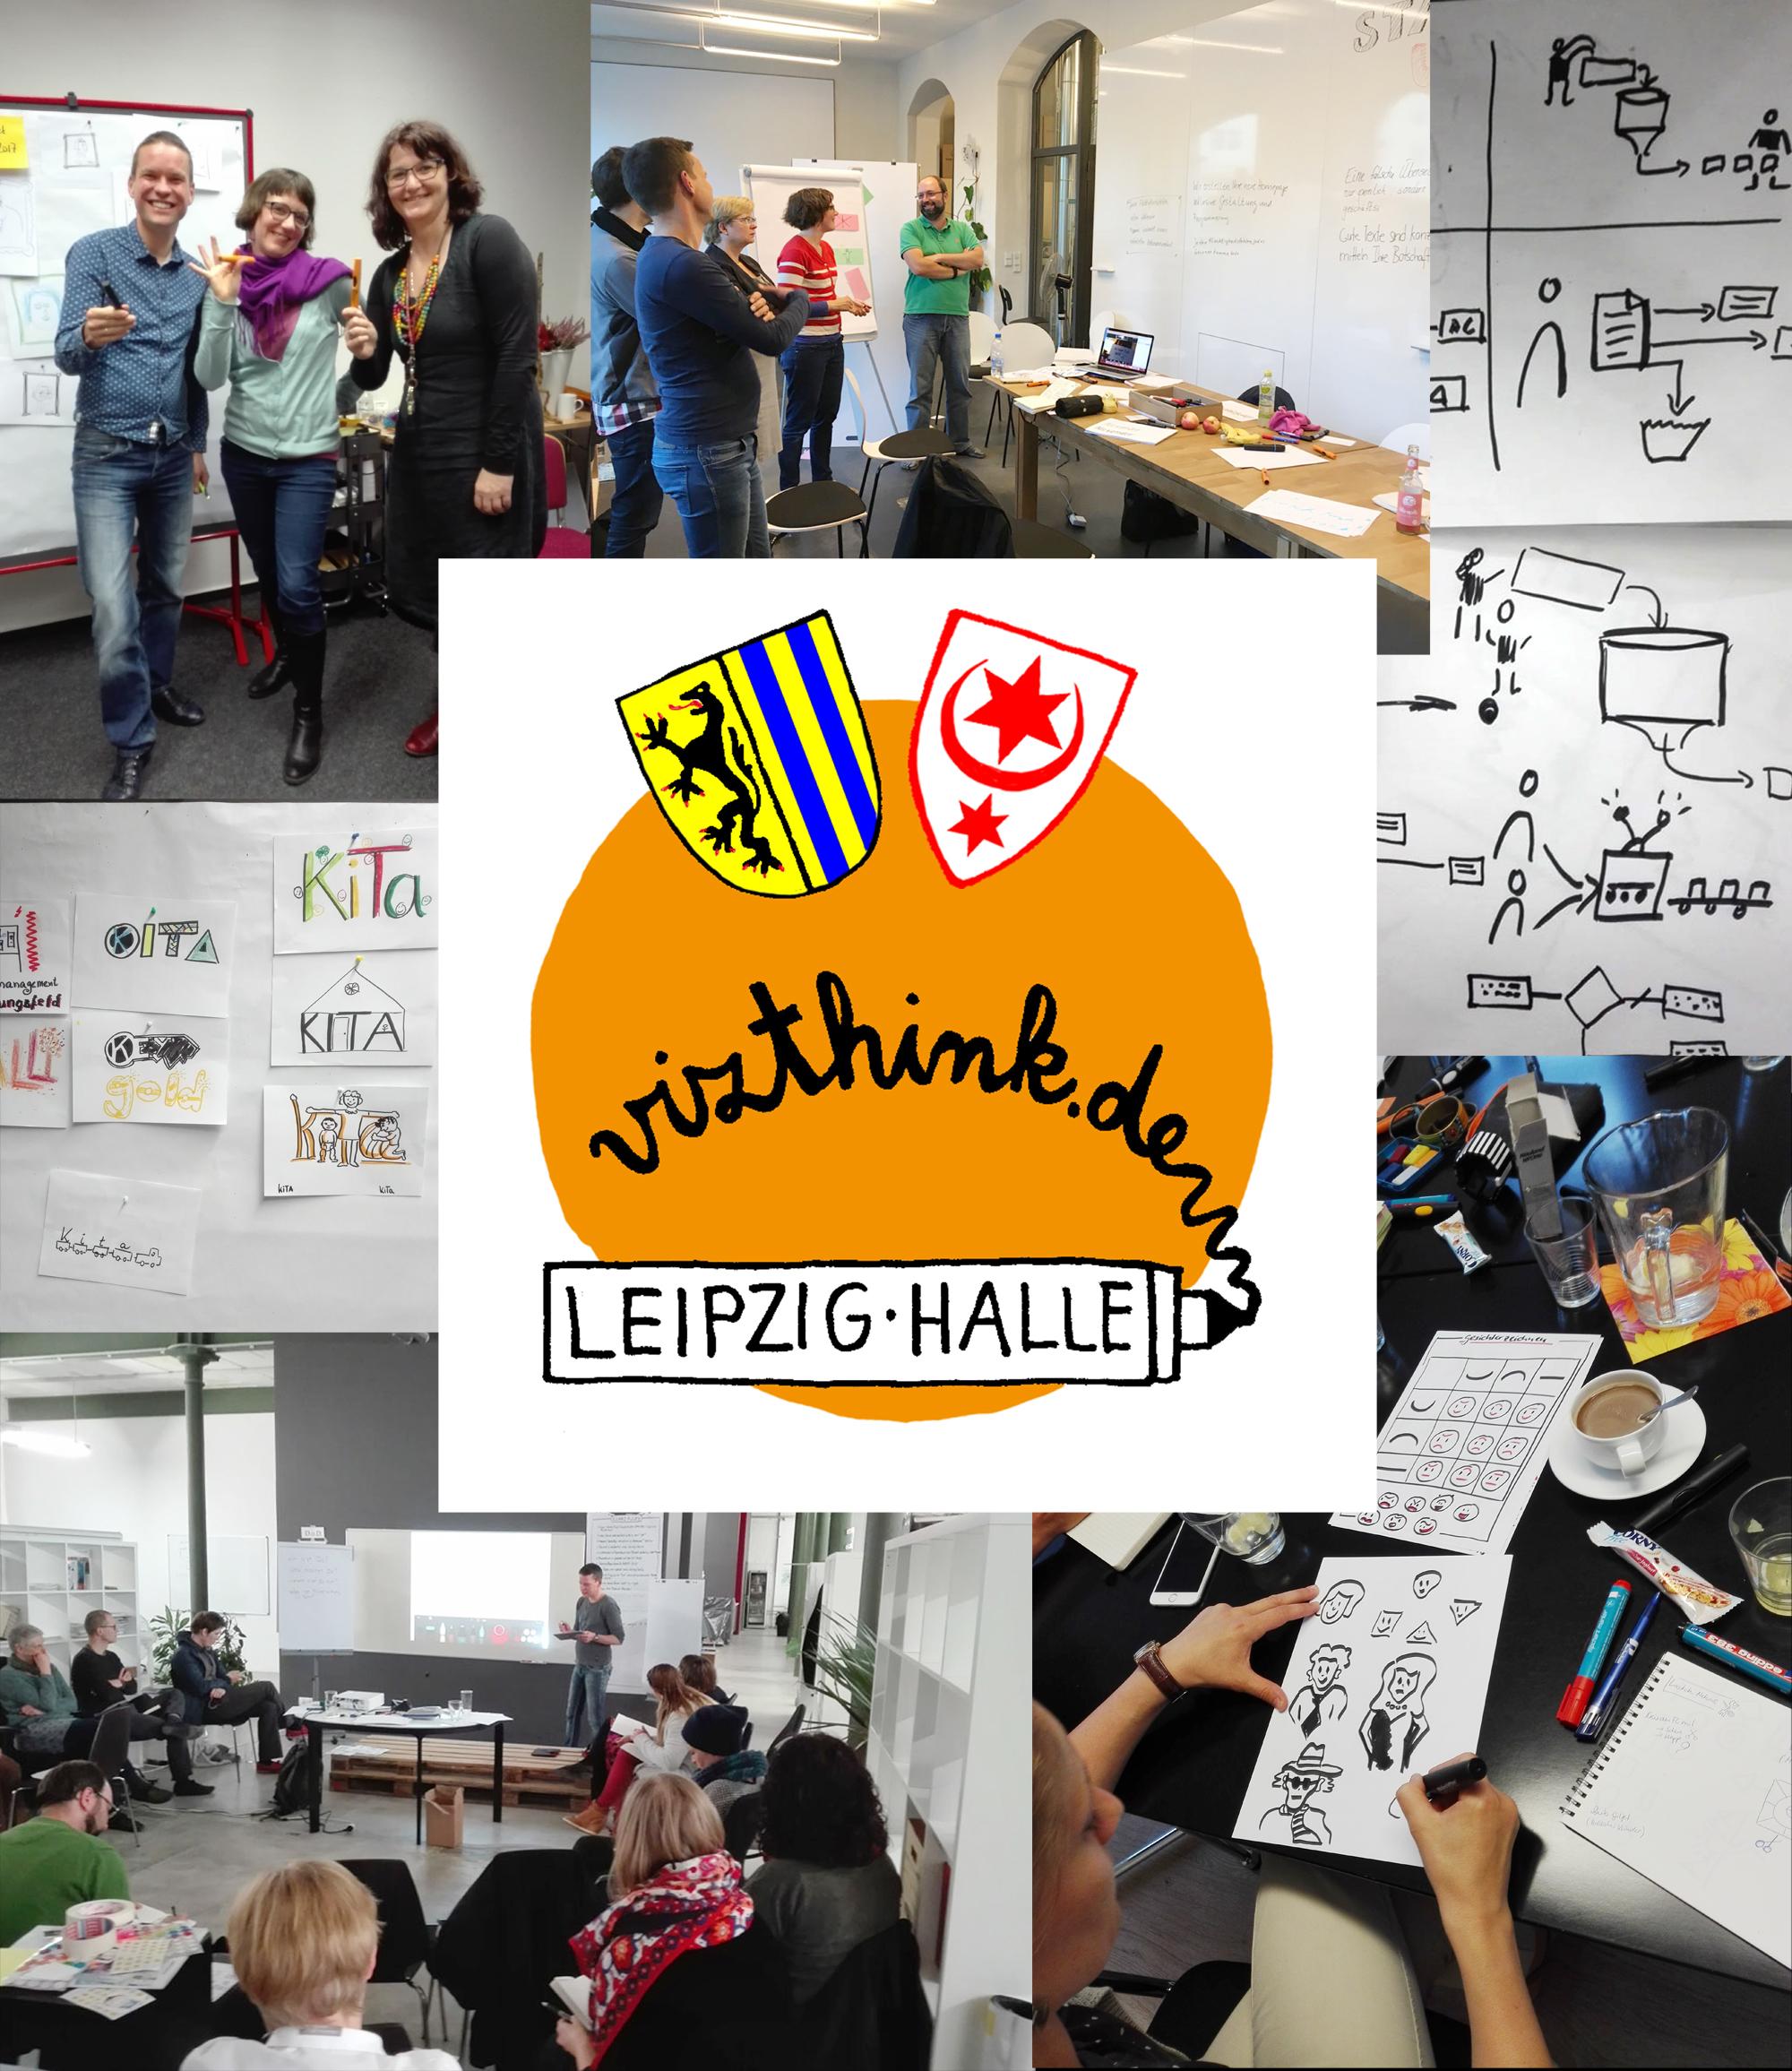 Vizthink-Meetup-Leipzig-Halle: Leute visualisieren zusammen und sehen gut gelaunt aus.